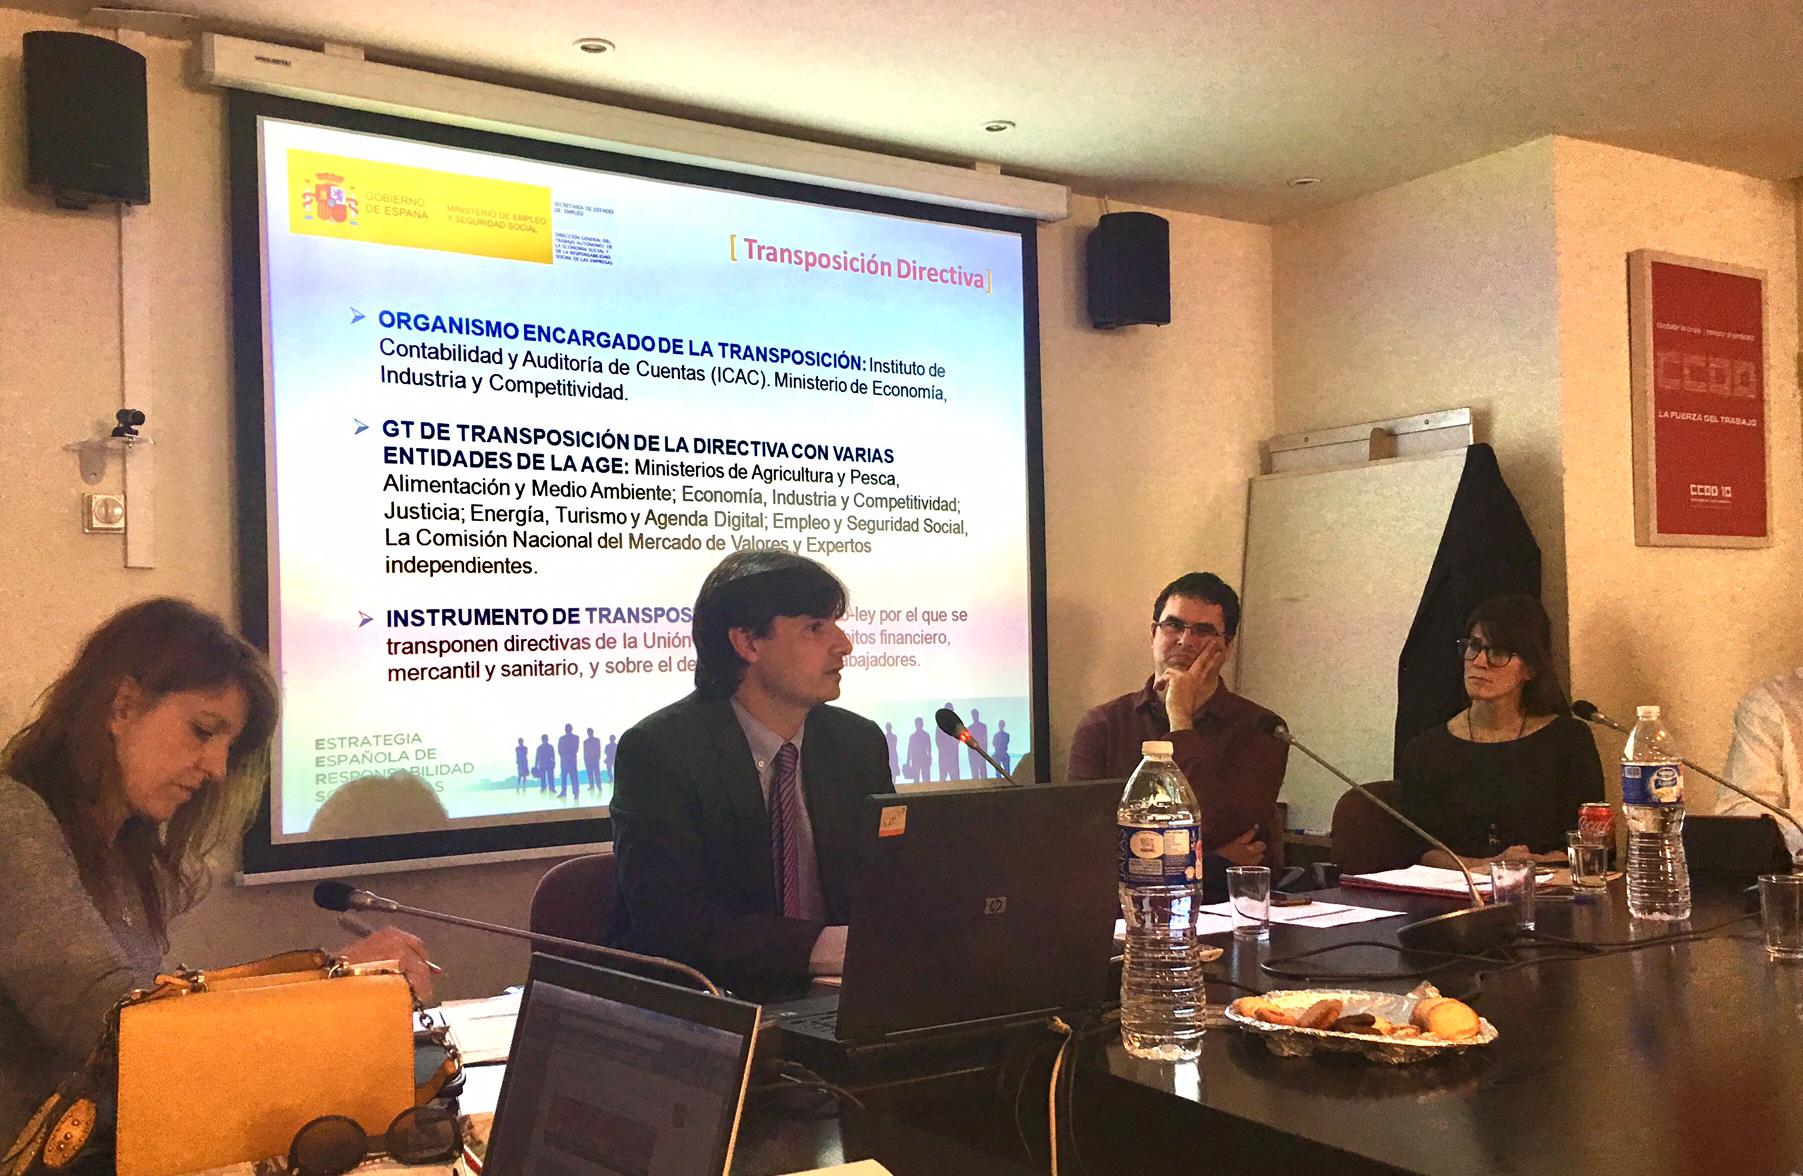 Los expertos analizan la transposición de la Directiva de la UE en la reunión de DimasoLab en Madrid